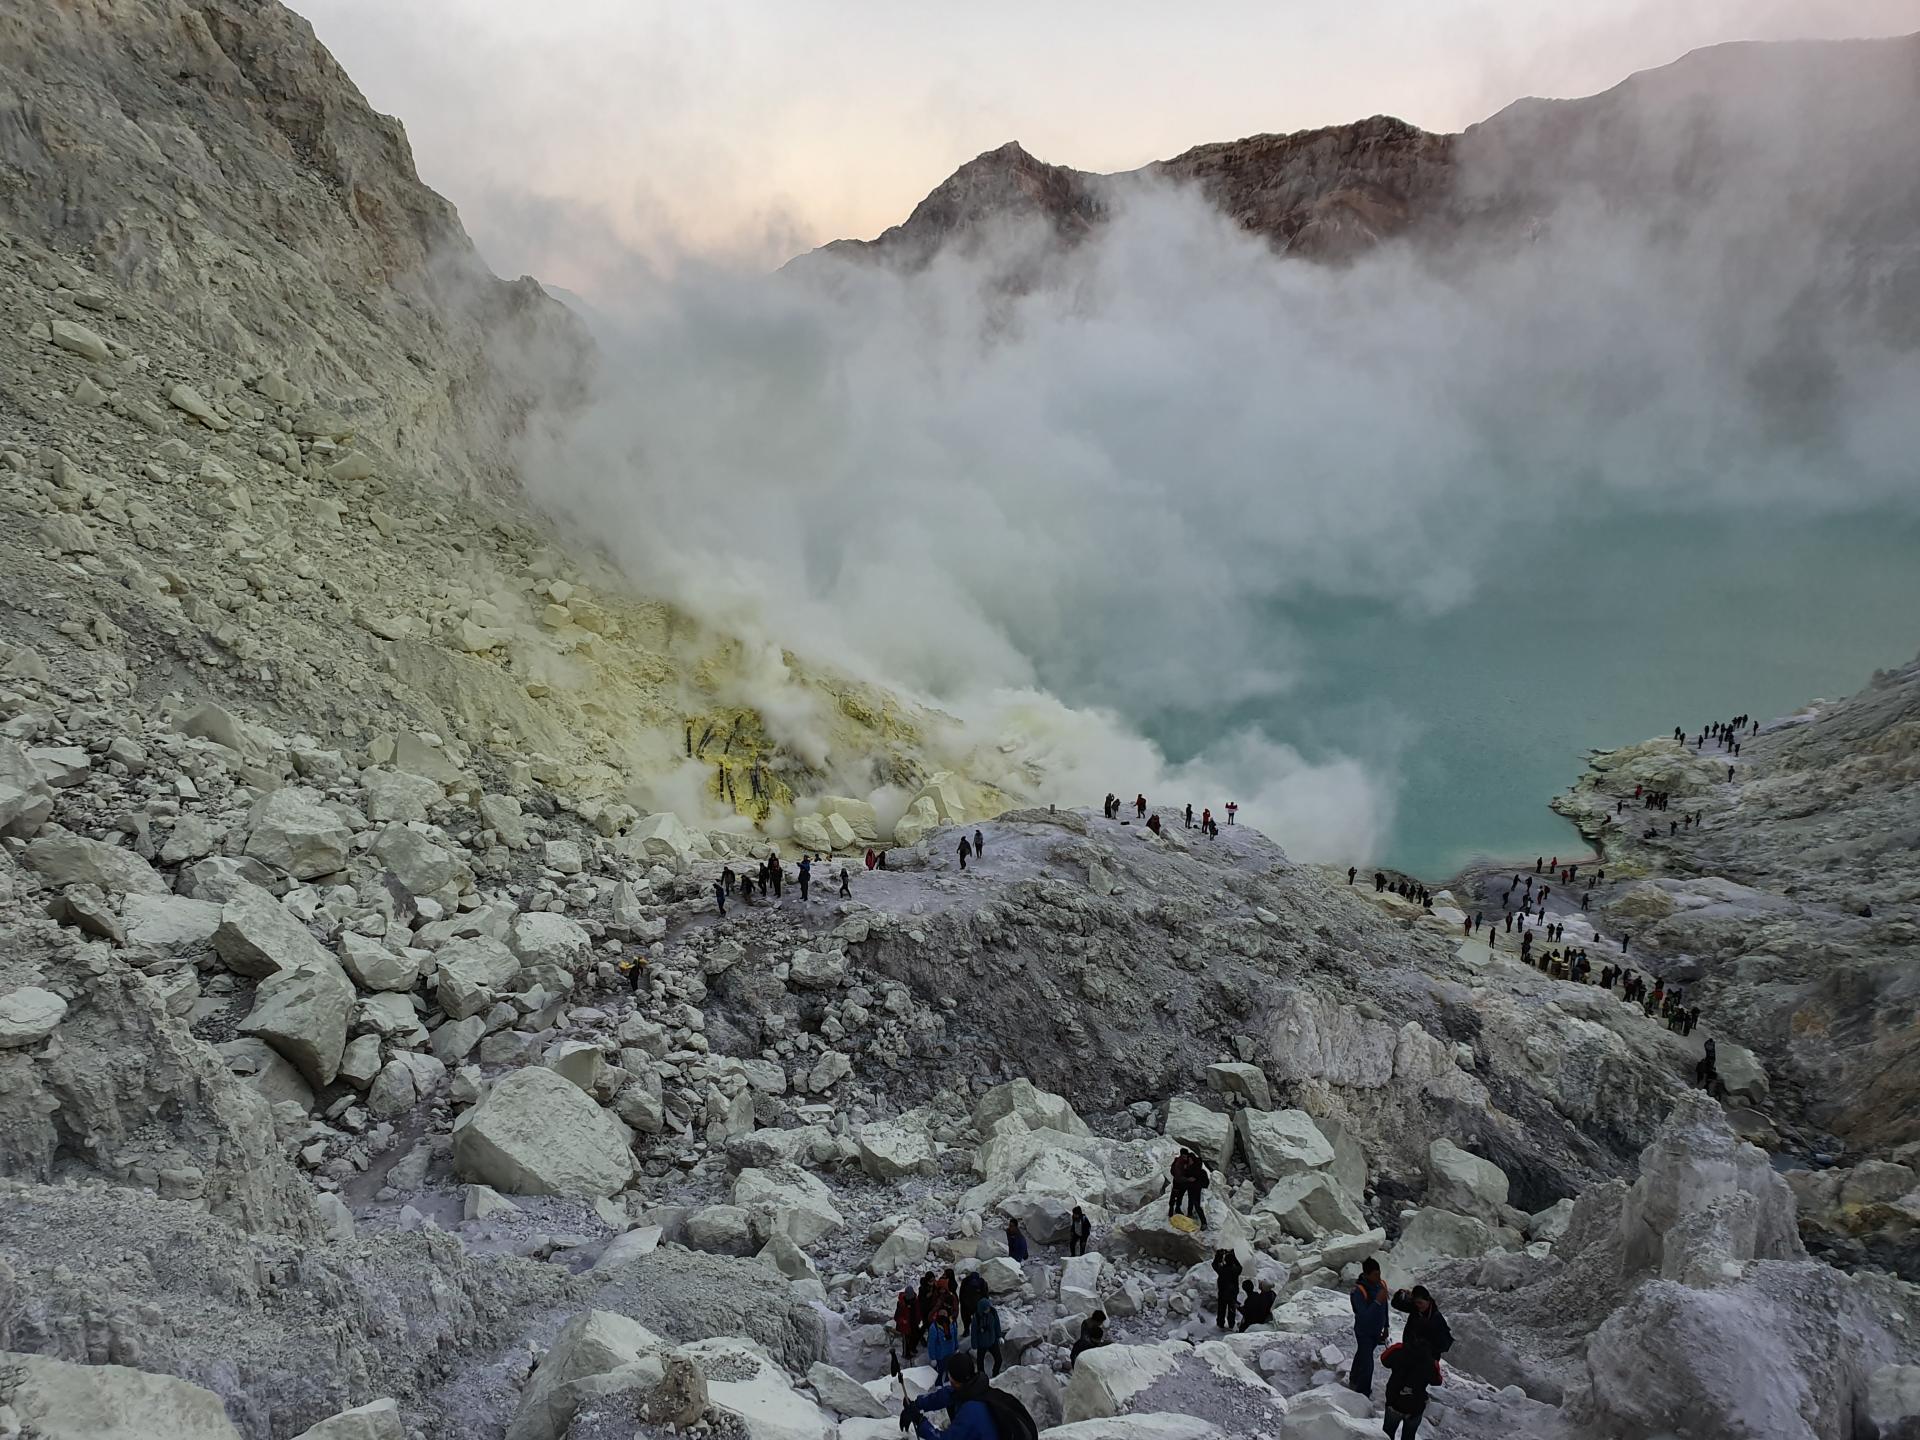 вид на кратер вулкана Иджен